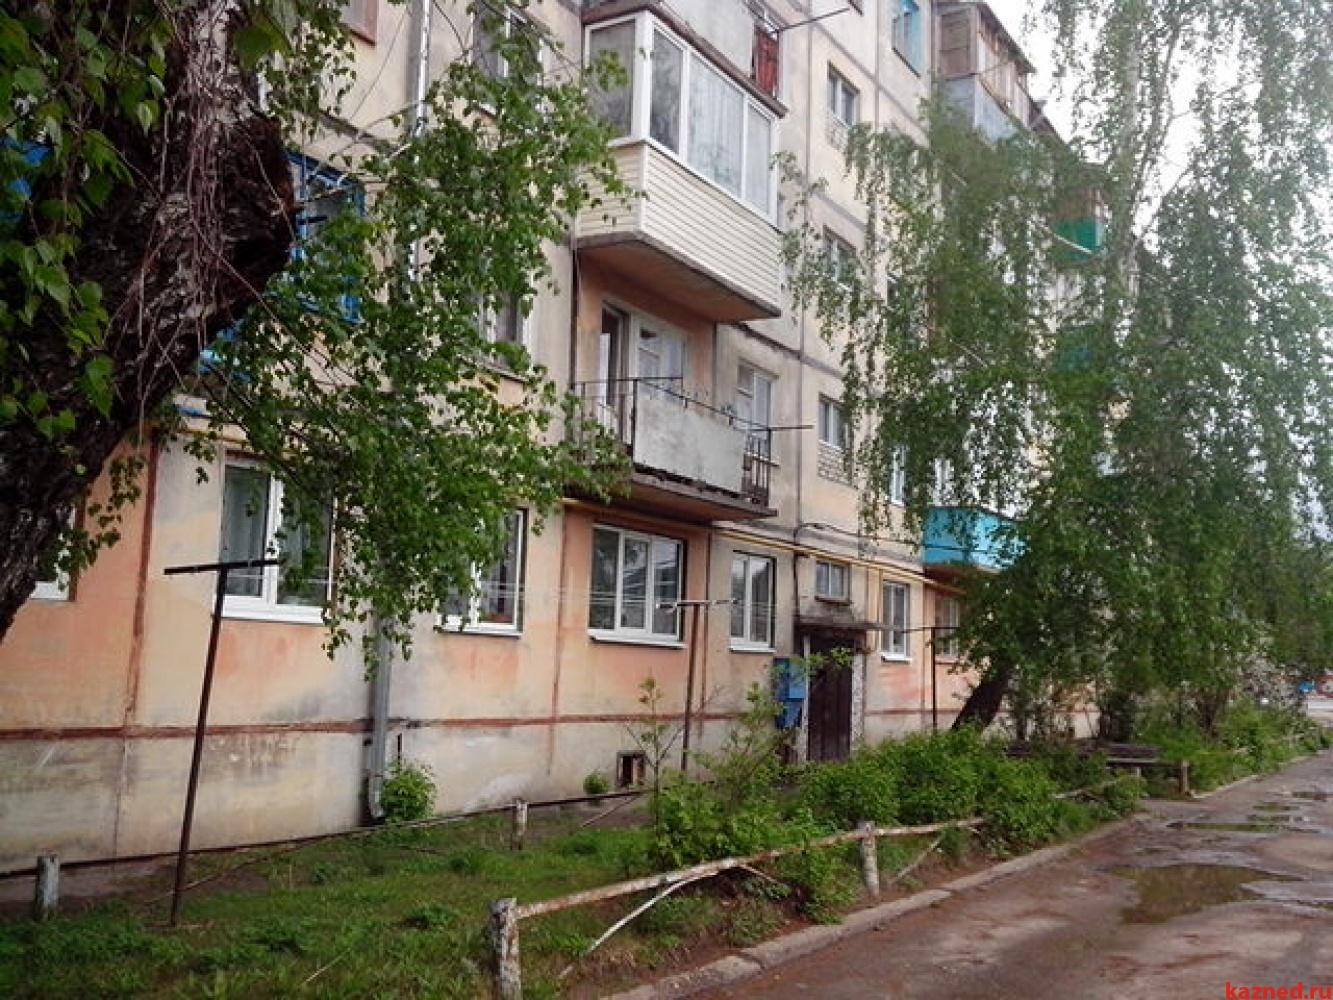 Продажа 3-к квартиры Юбилейная, 4, 56 м2  (миниатюра №1)